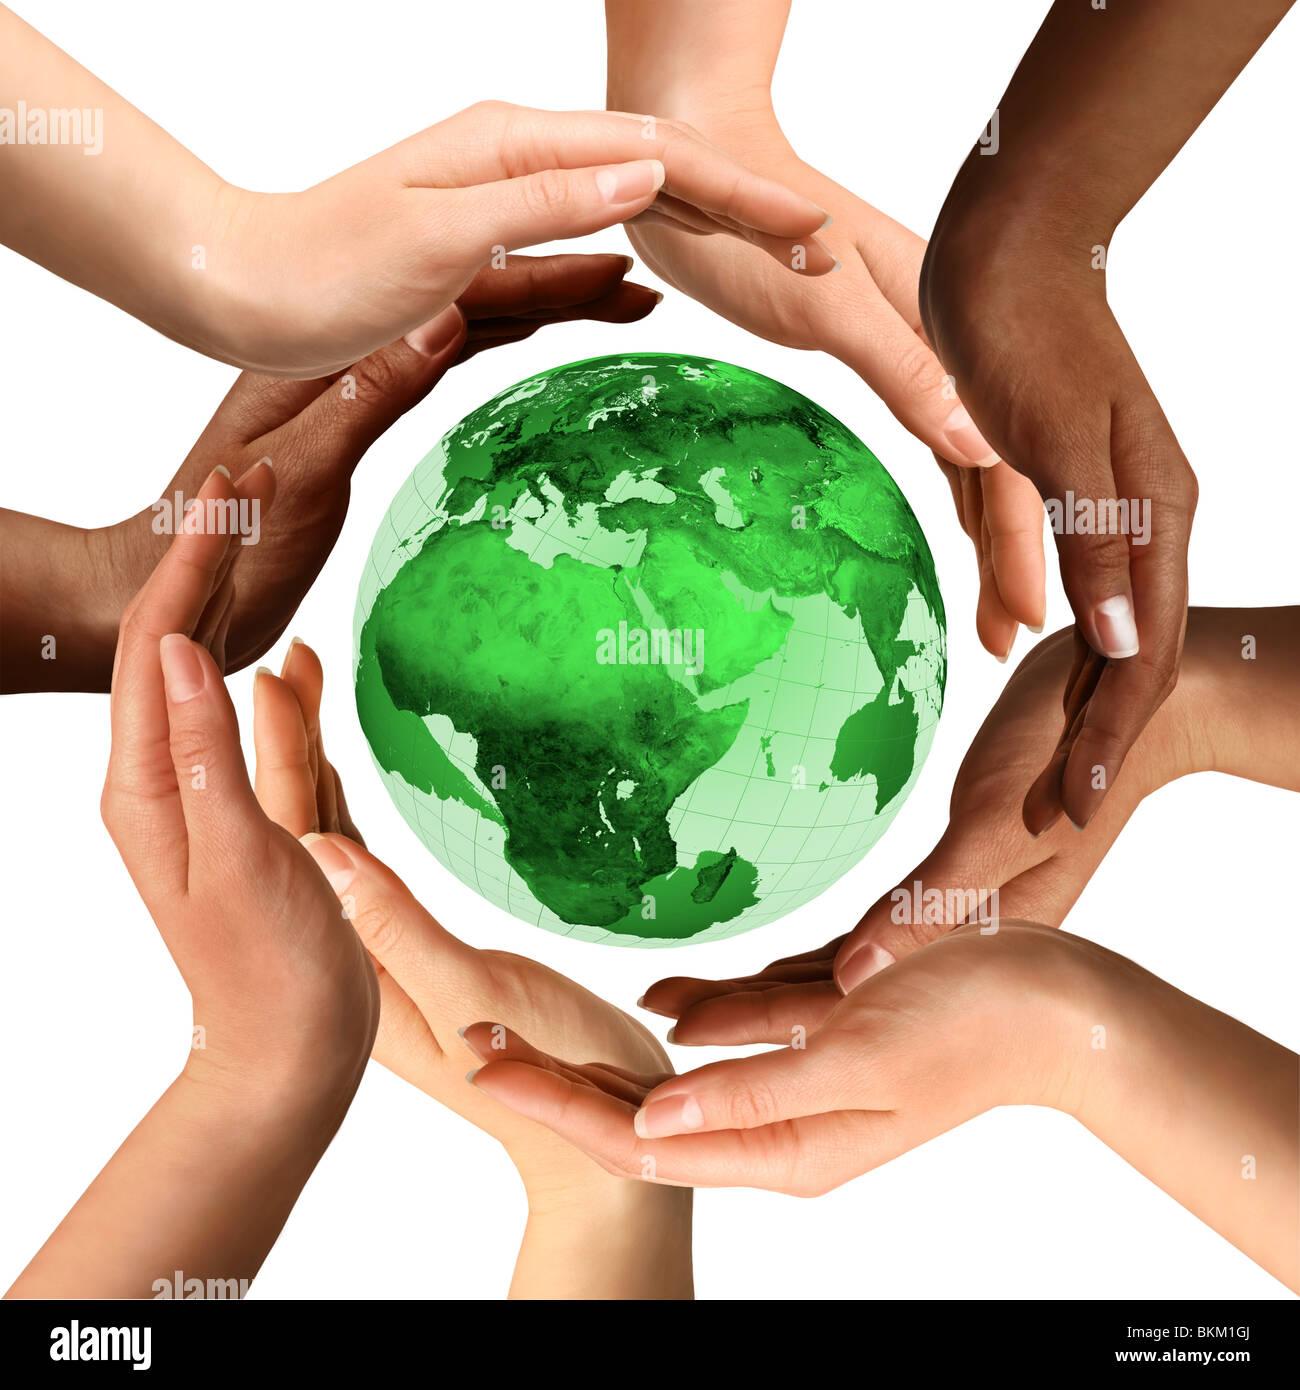 Symbole conceptuel d'un globe de terre verte avec des mains humaines multiraciale autour d'elle. Isolé Photo Stock